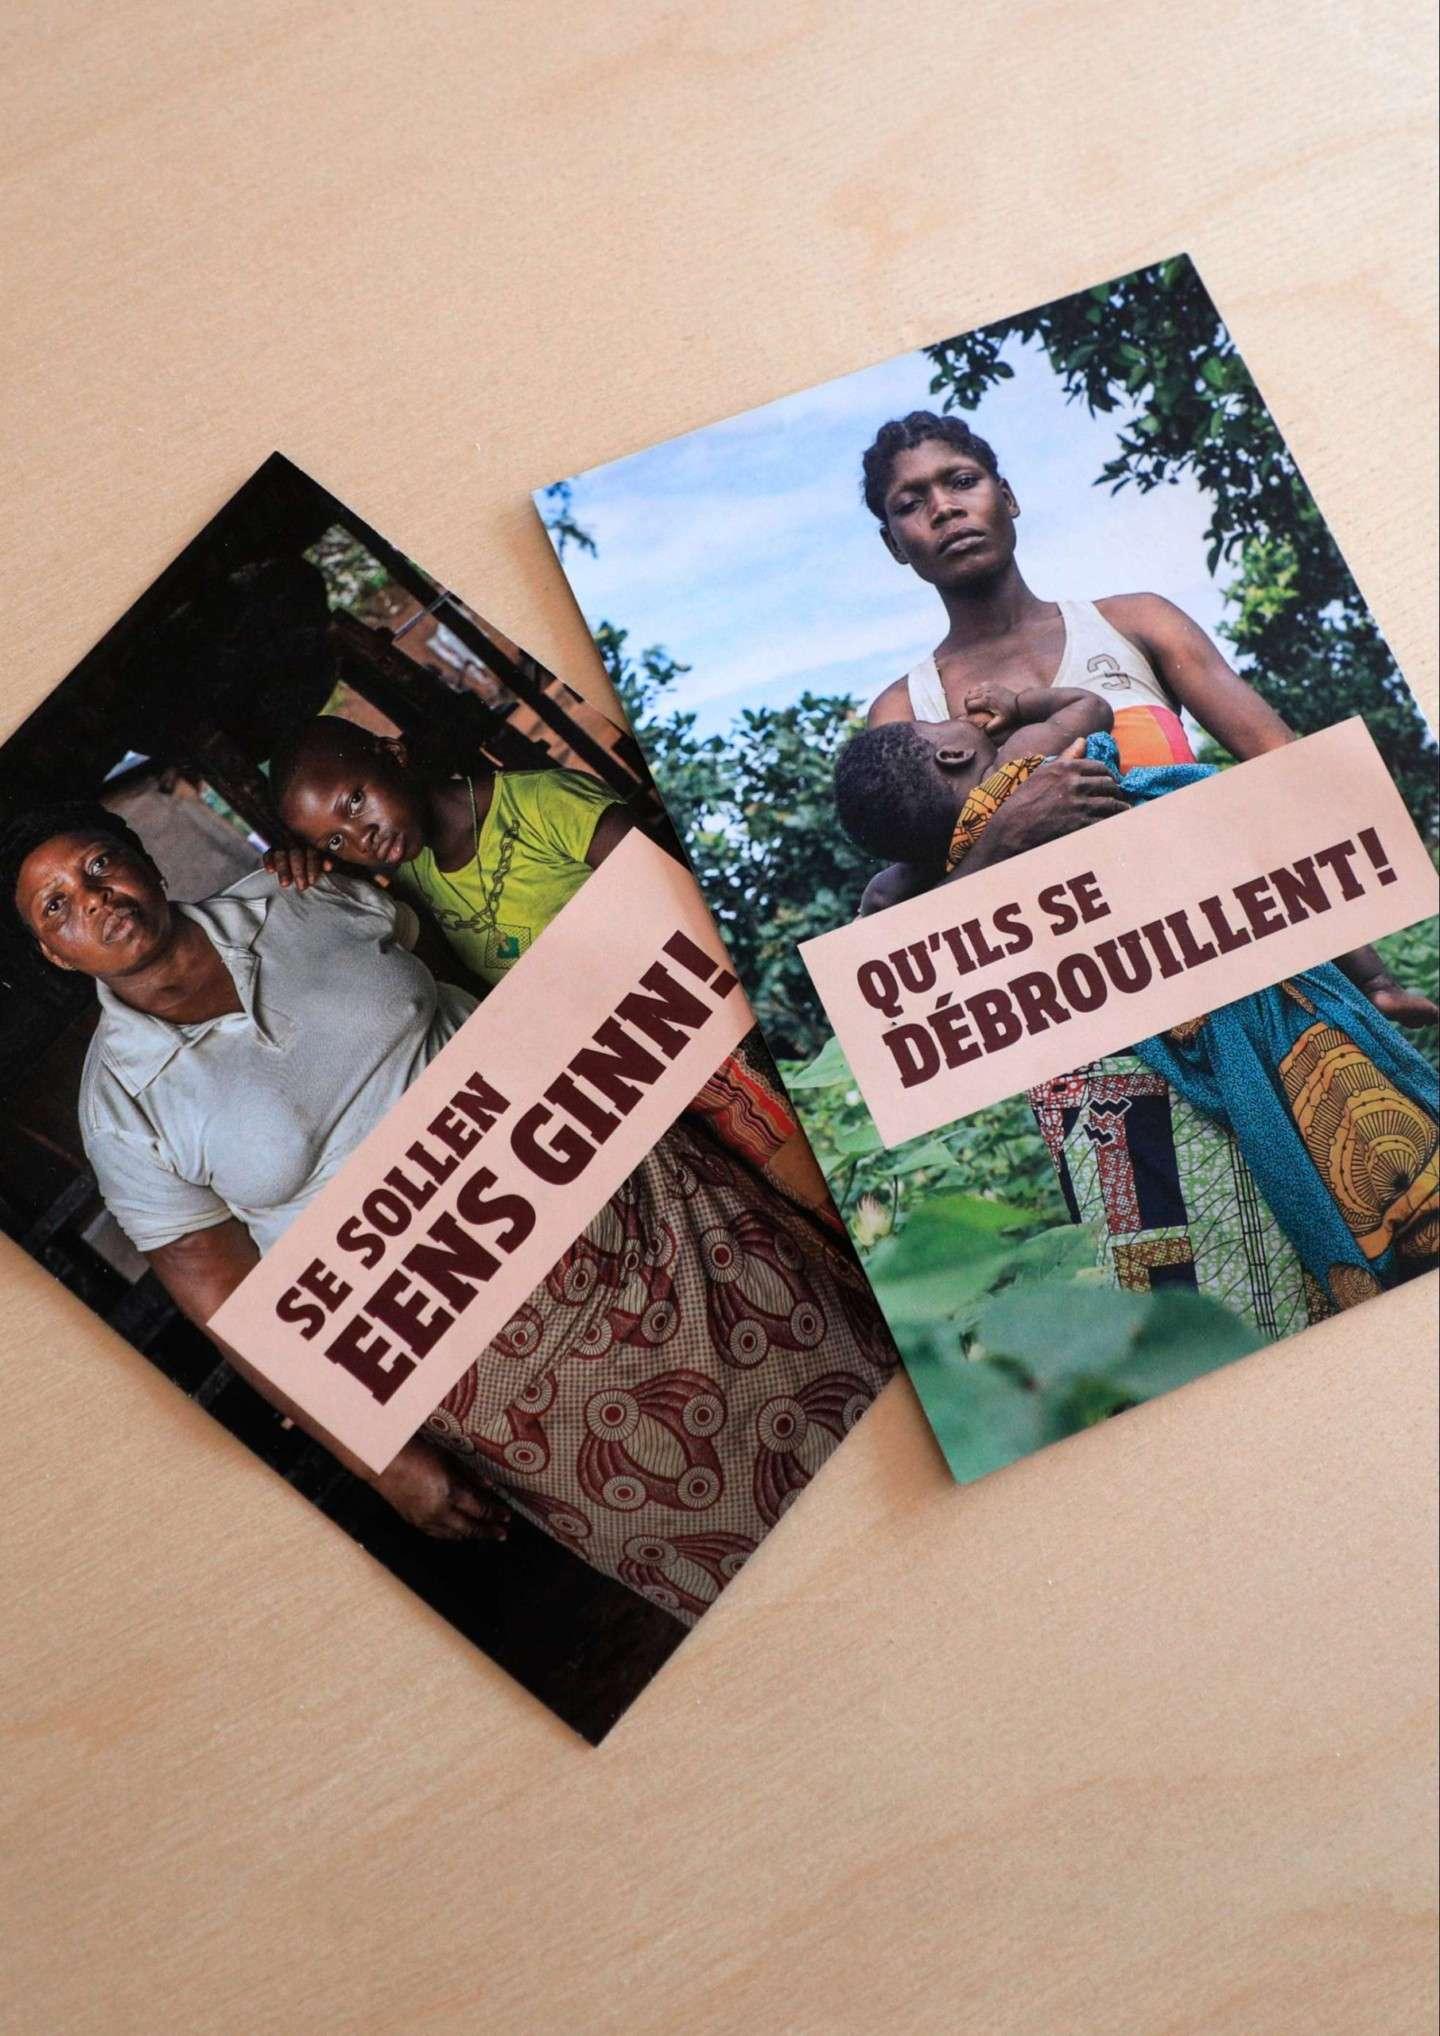 Des visuels forts montrant de vrais bénéficiaires d'SOS Faim au Bénin